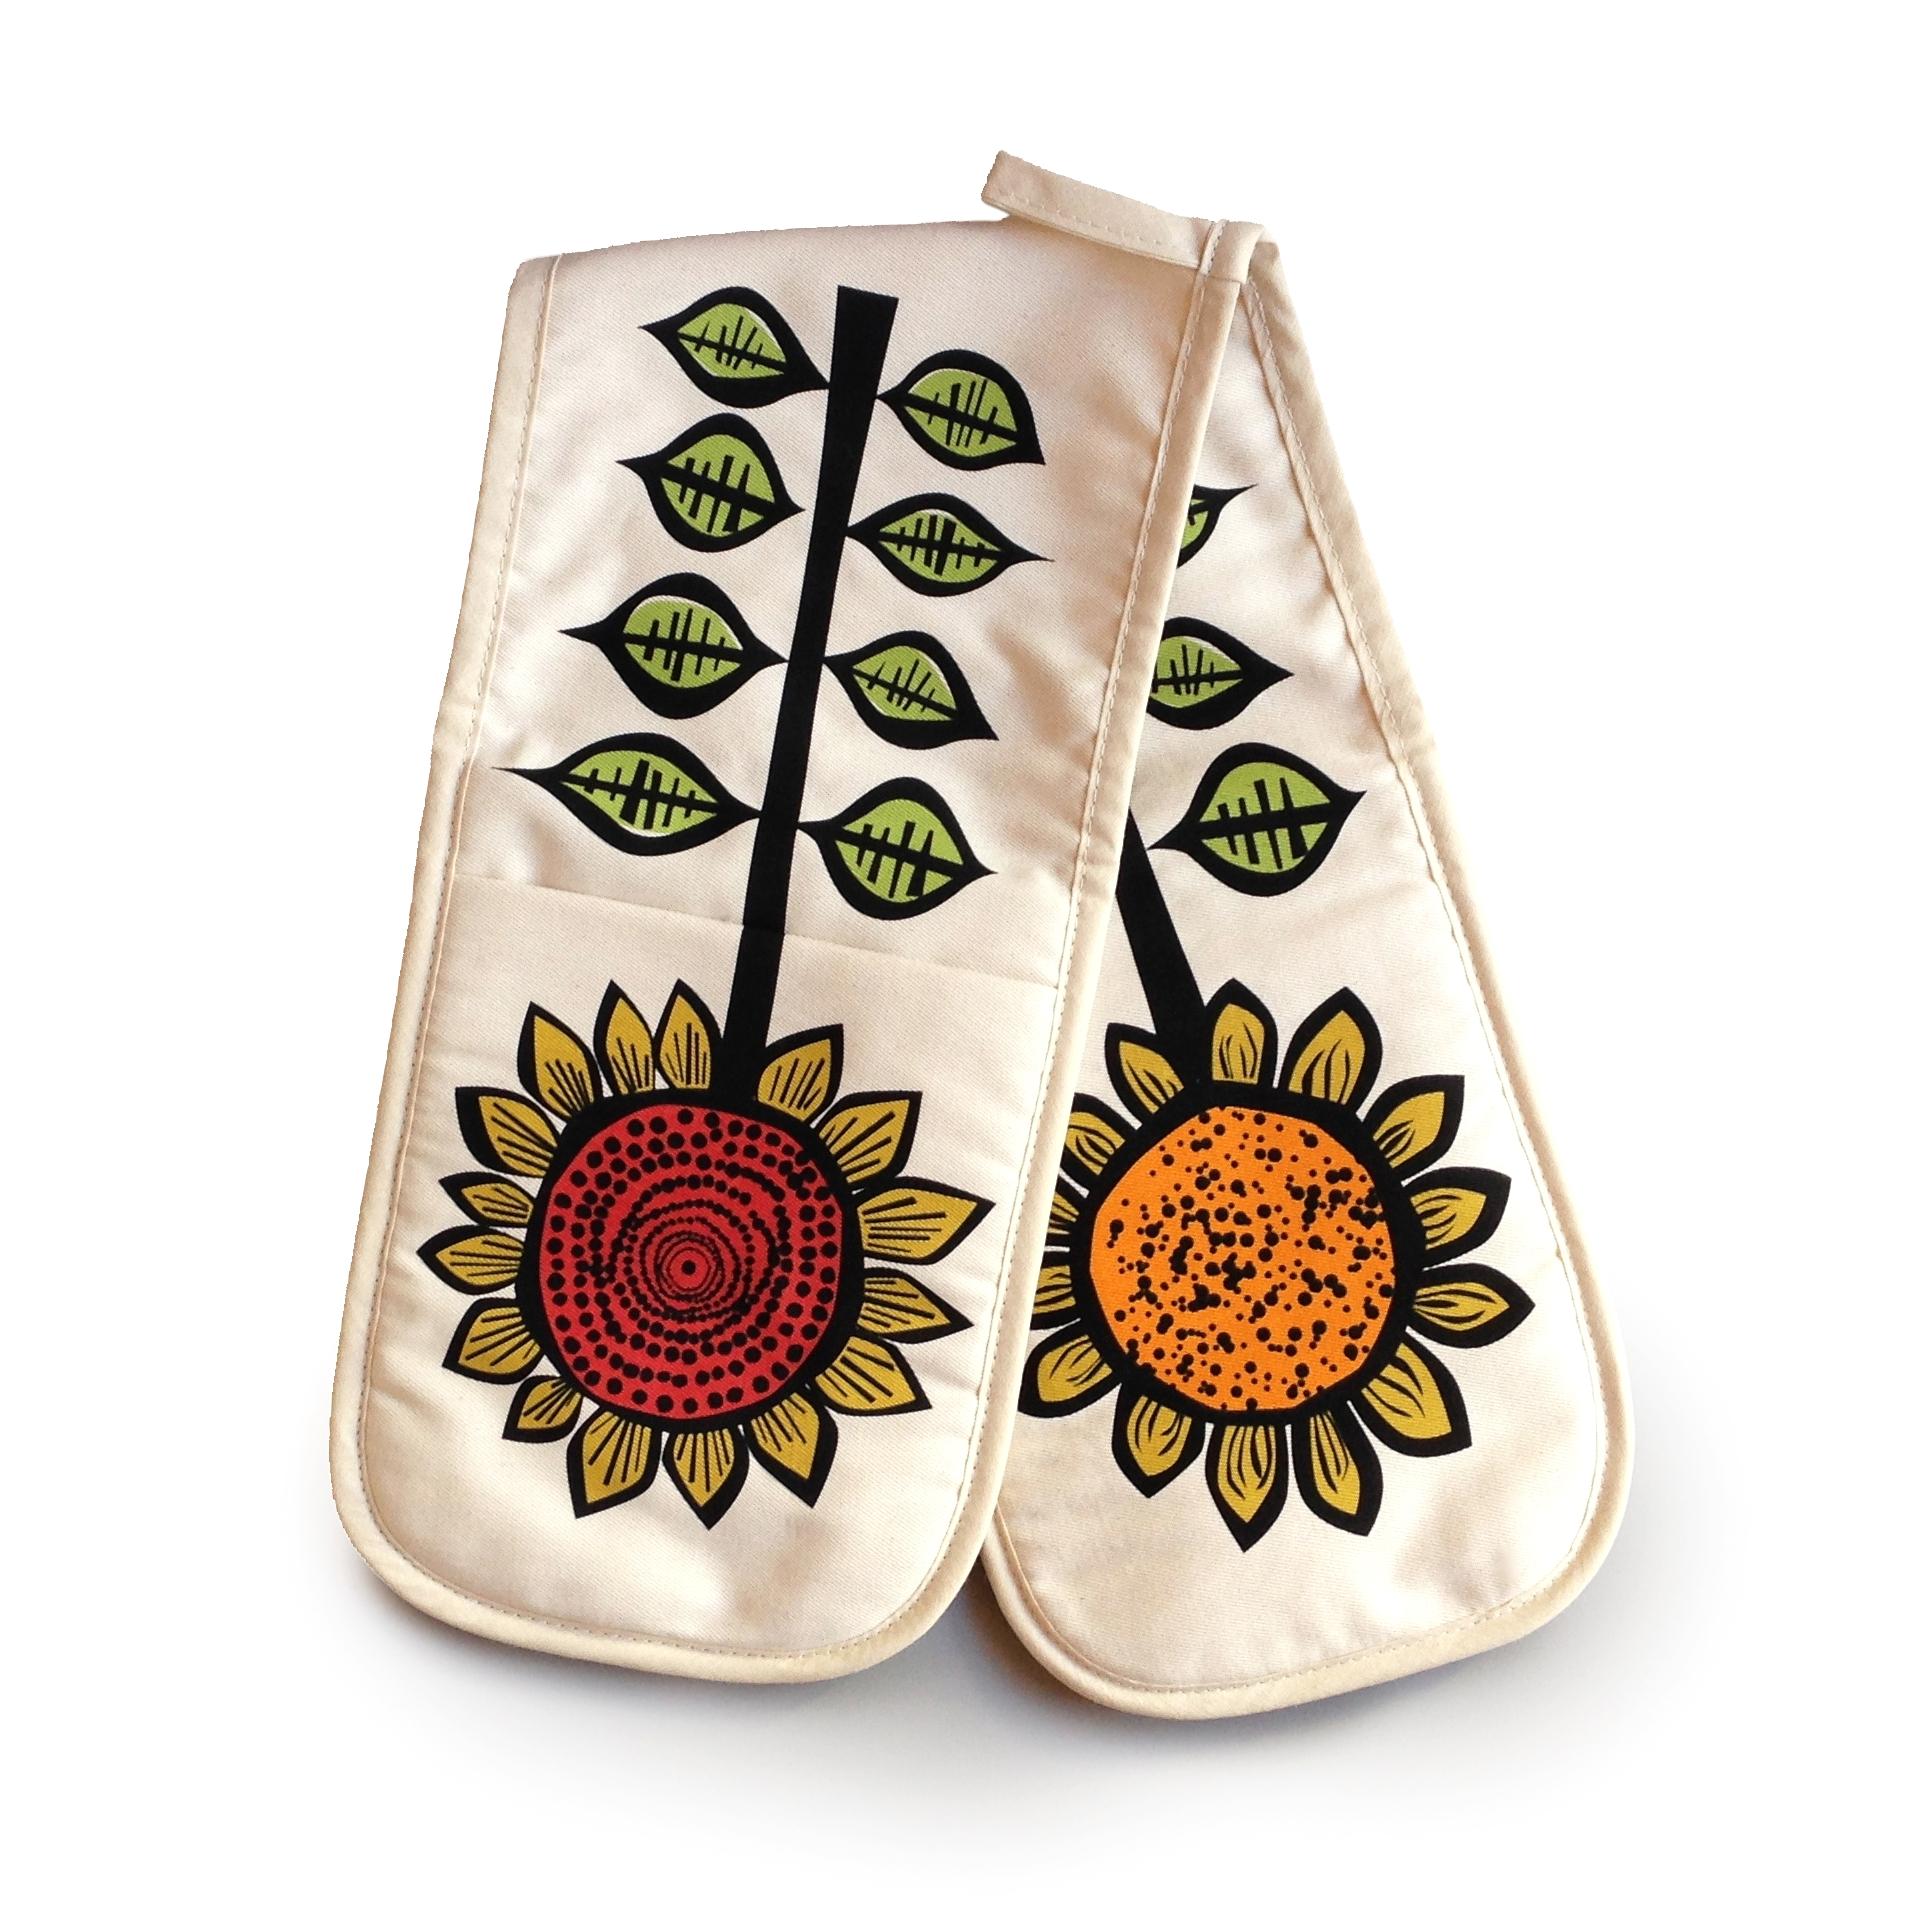 Hannah Turner Sunflower Double Oven Gloves